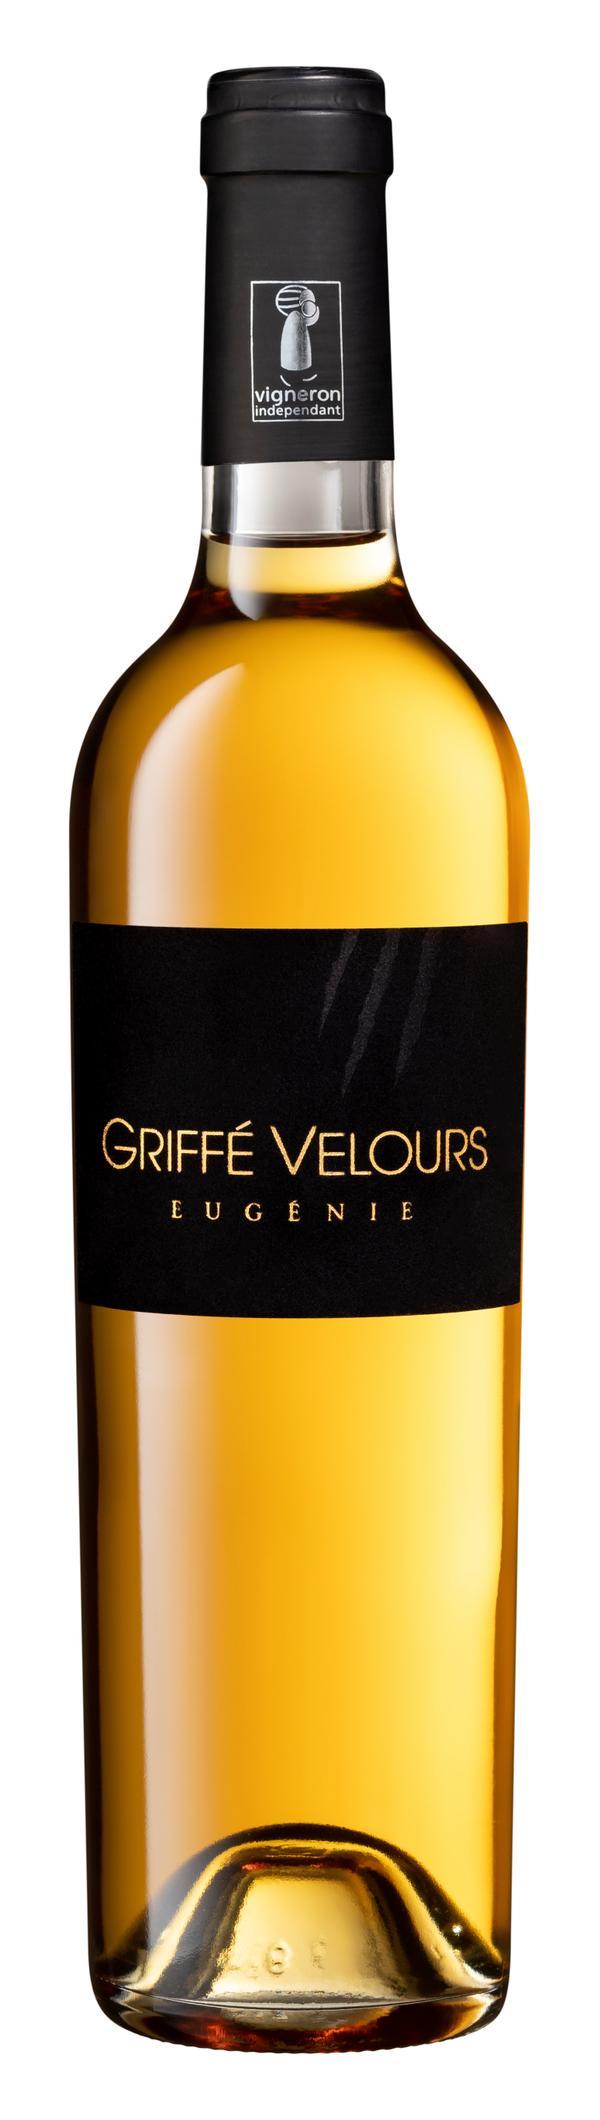 Griffé Velours Eugénie I.G.P. Côtes du Lot (Moélleux)